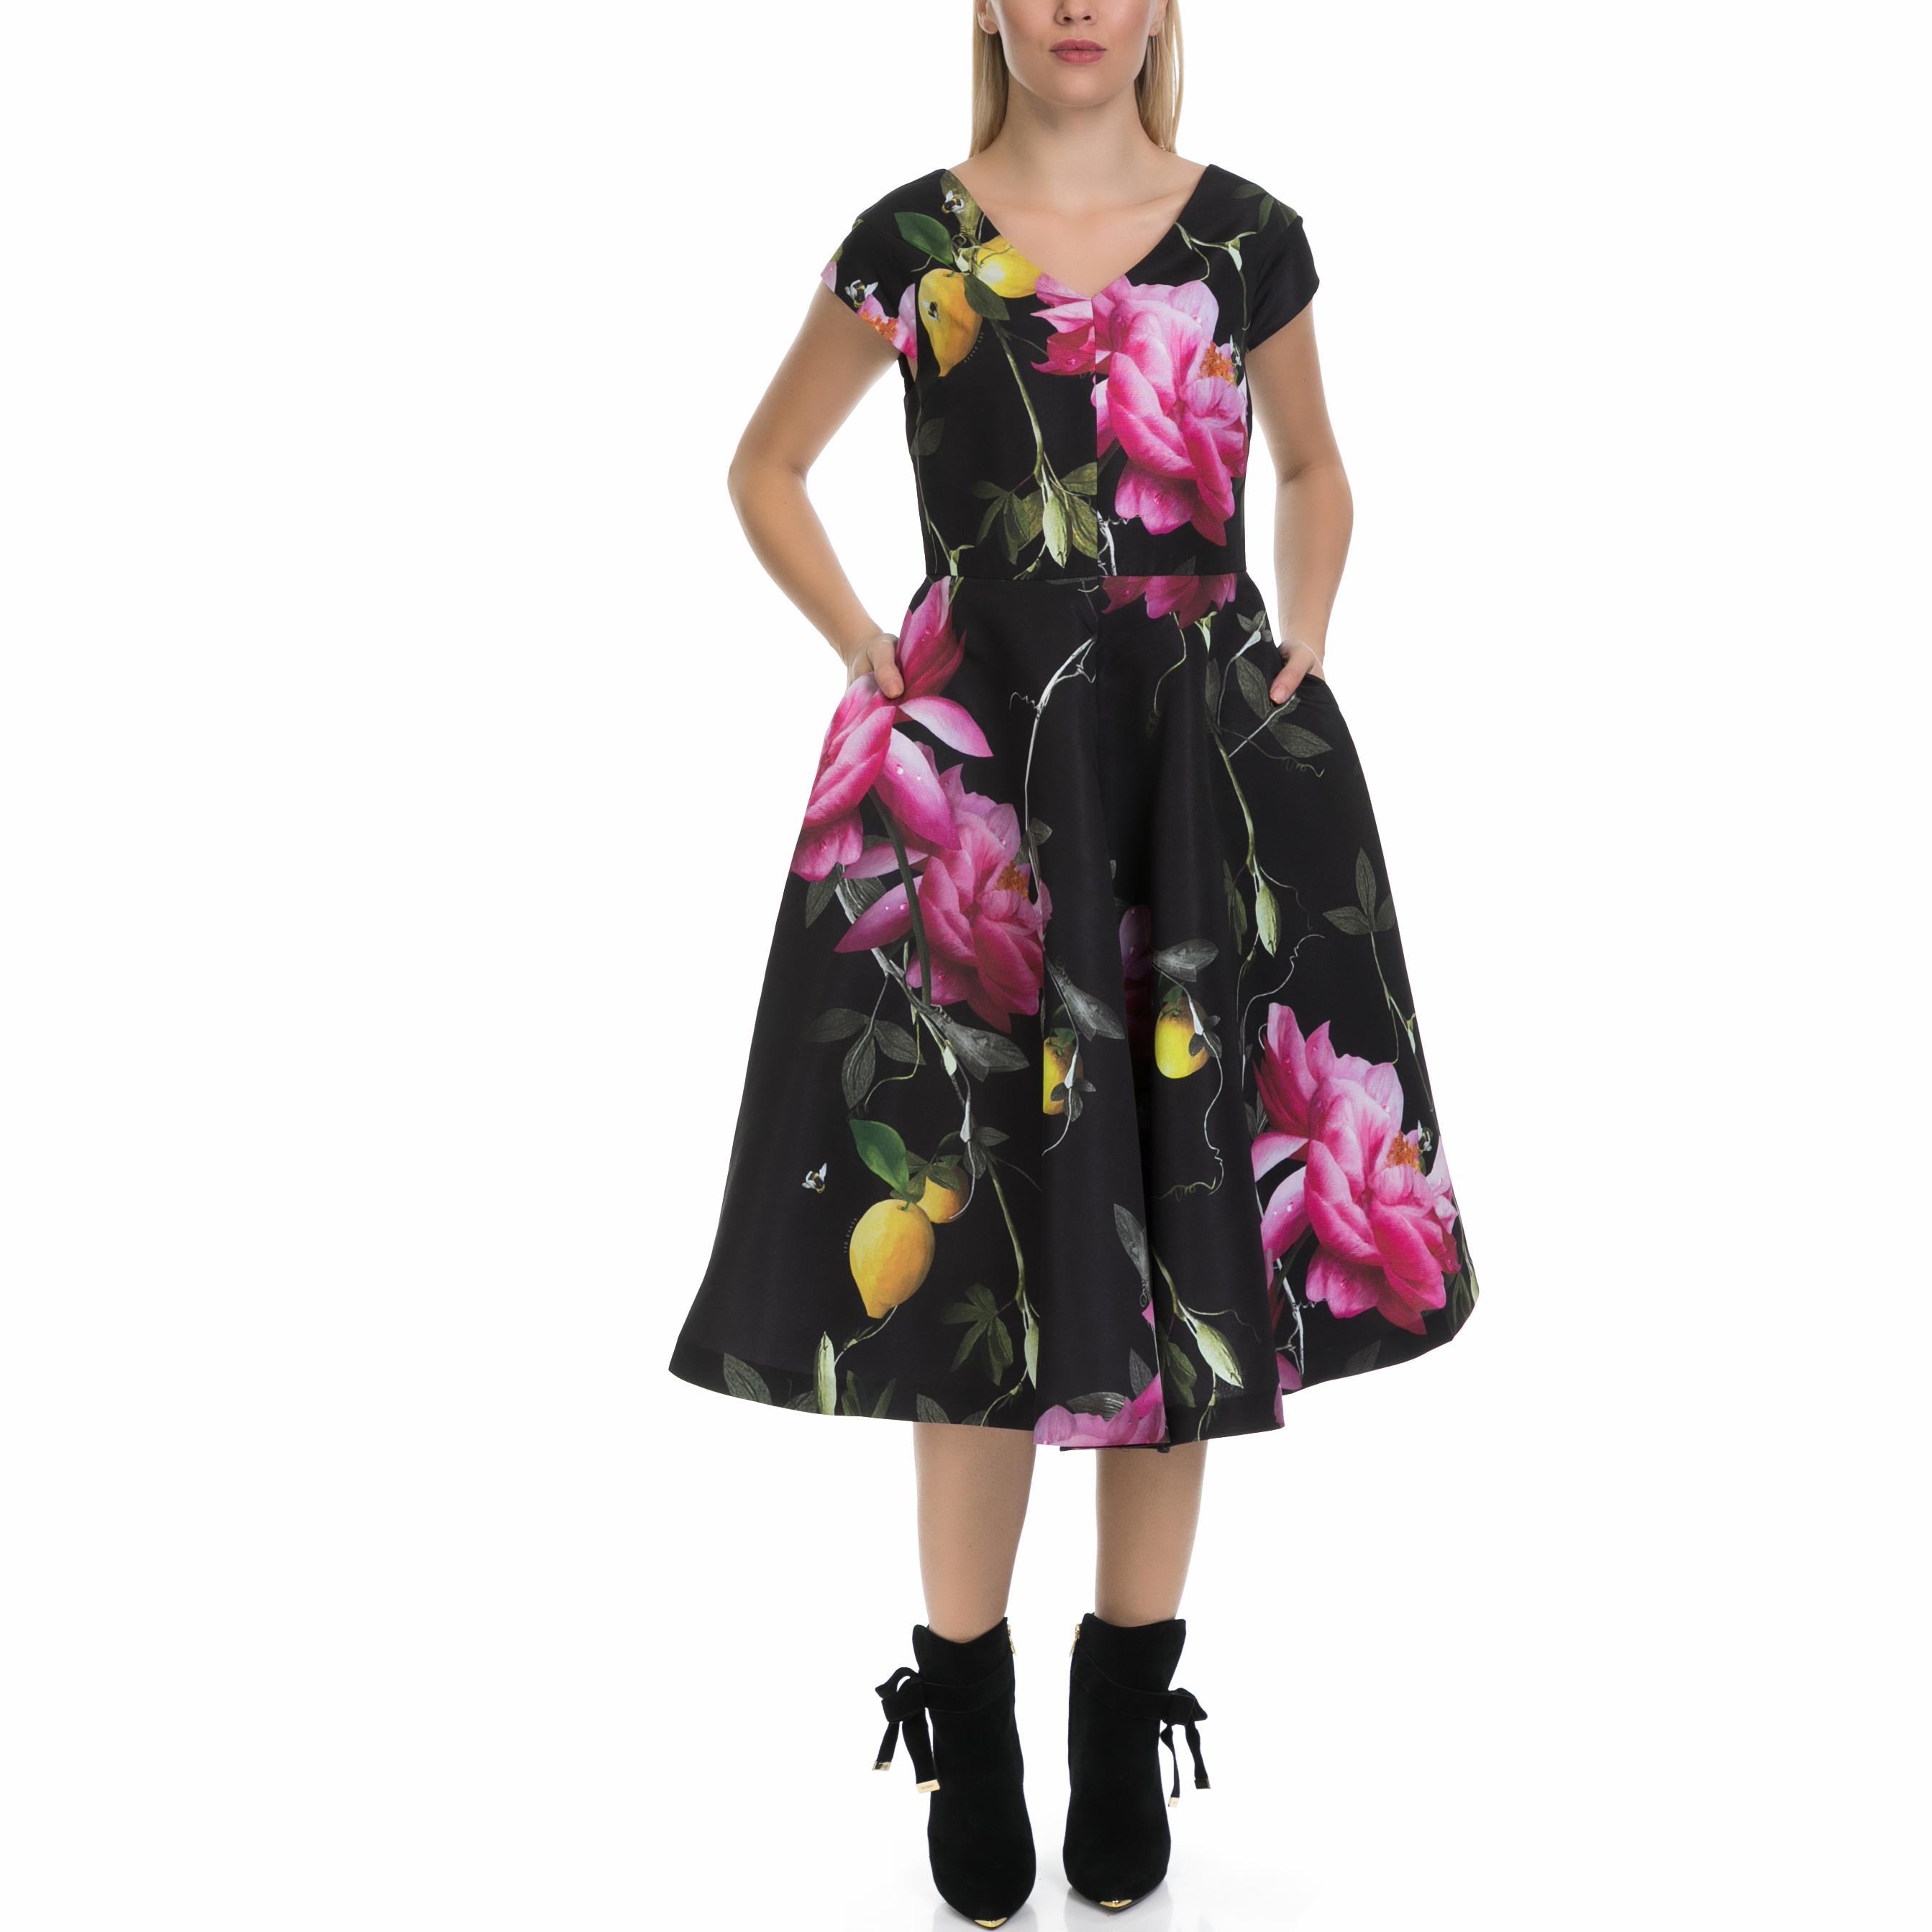 TED BAKER - Γυναικείο φόρεμα NIMAH TED BAKER μαύρο-εμπριμέ